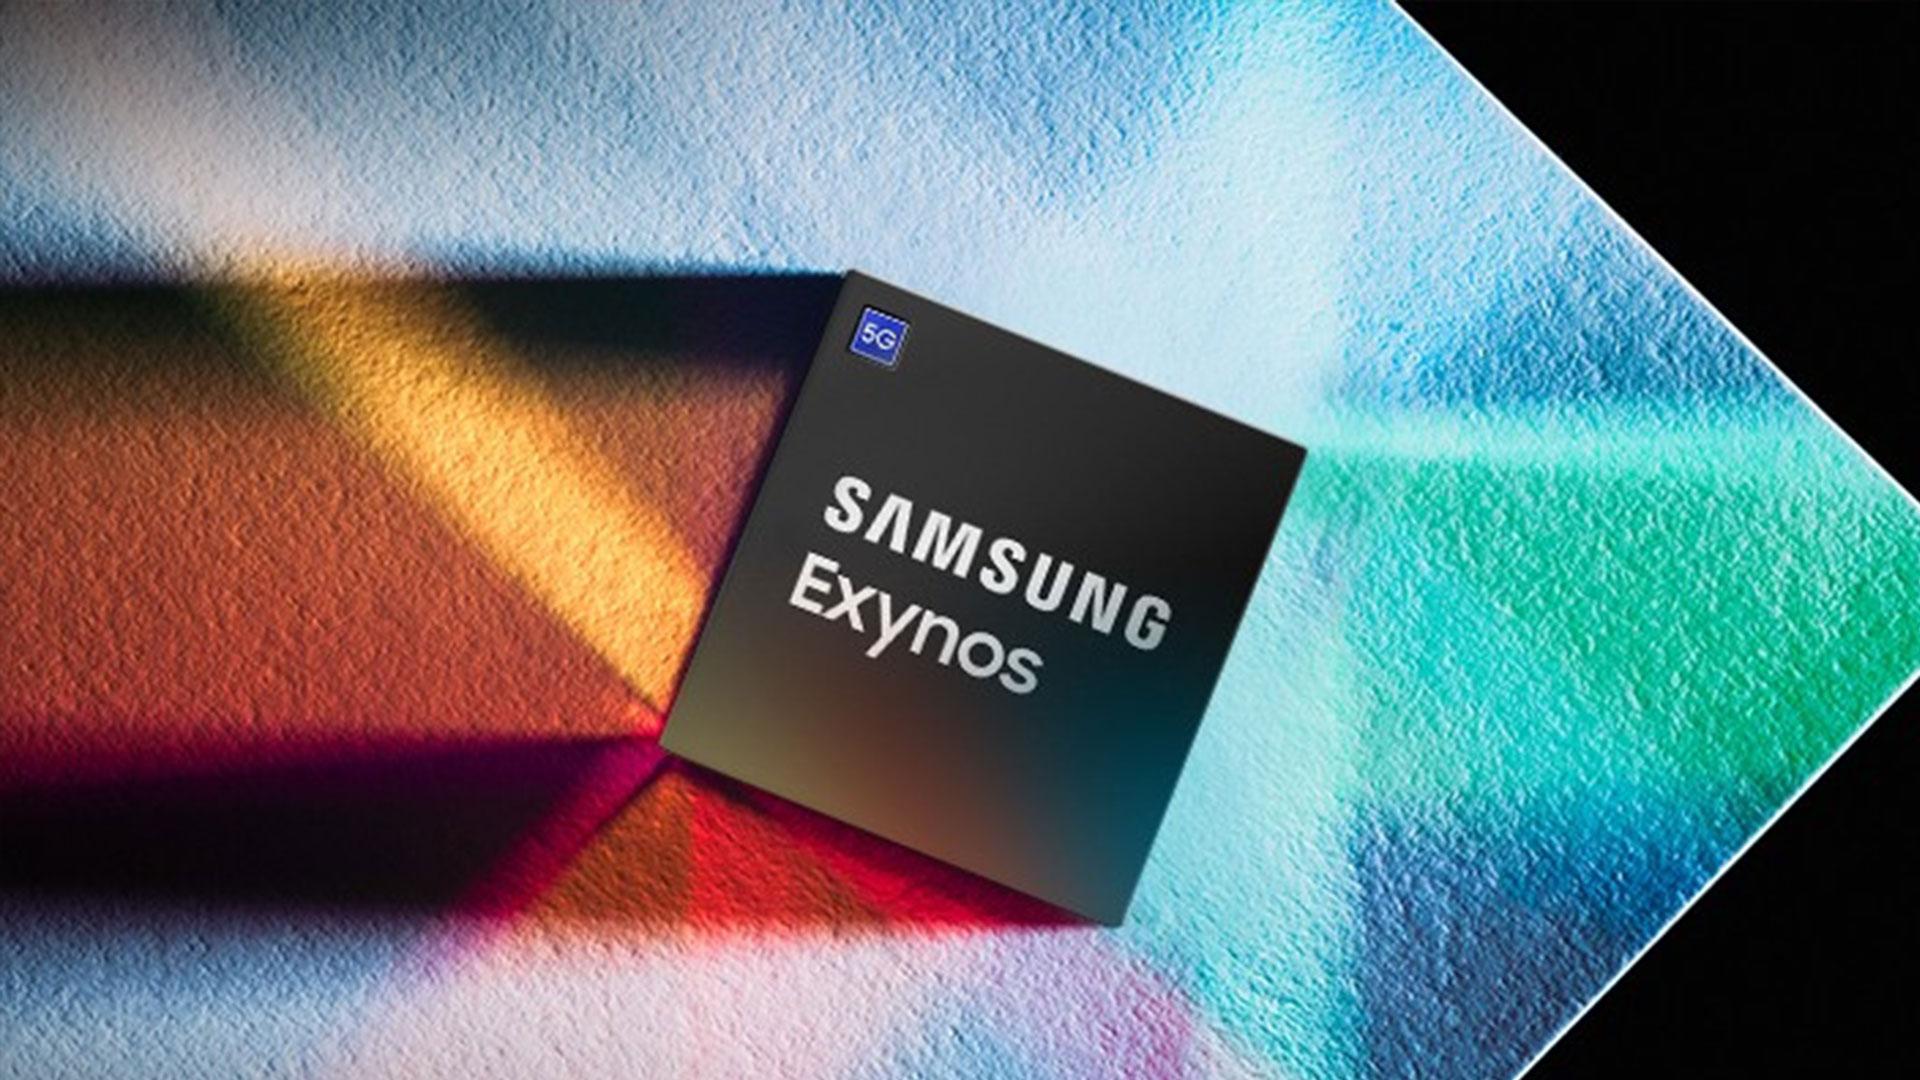 Samsung'un Texas Fabrikasinda 3nm Islemciler Uretecegi Bildiriliyor